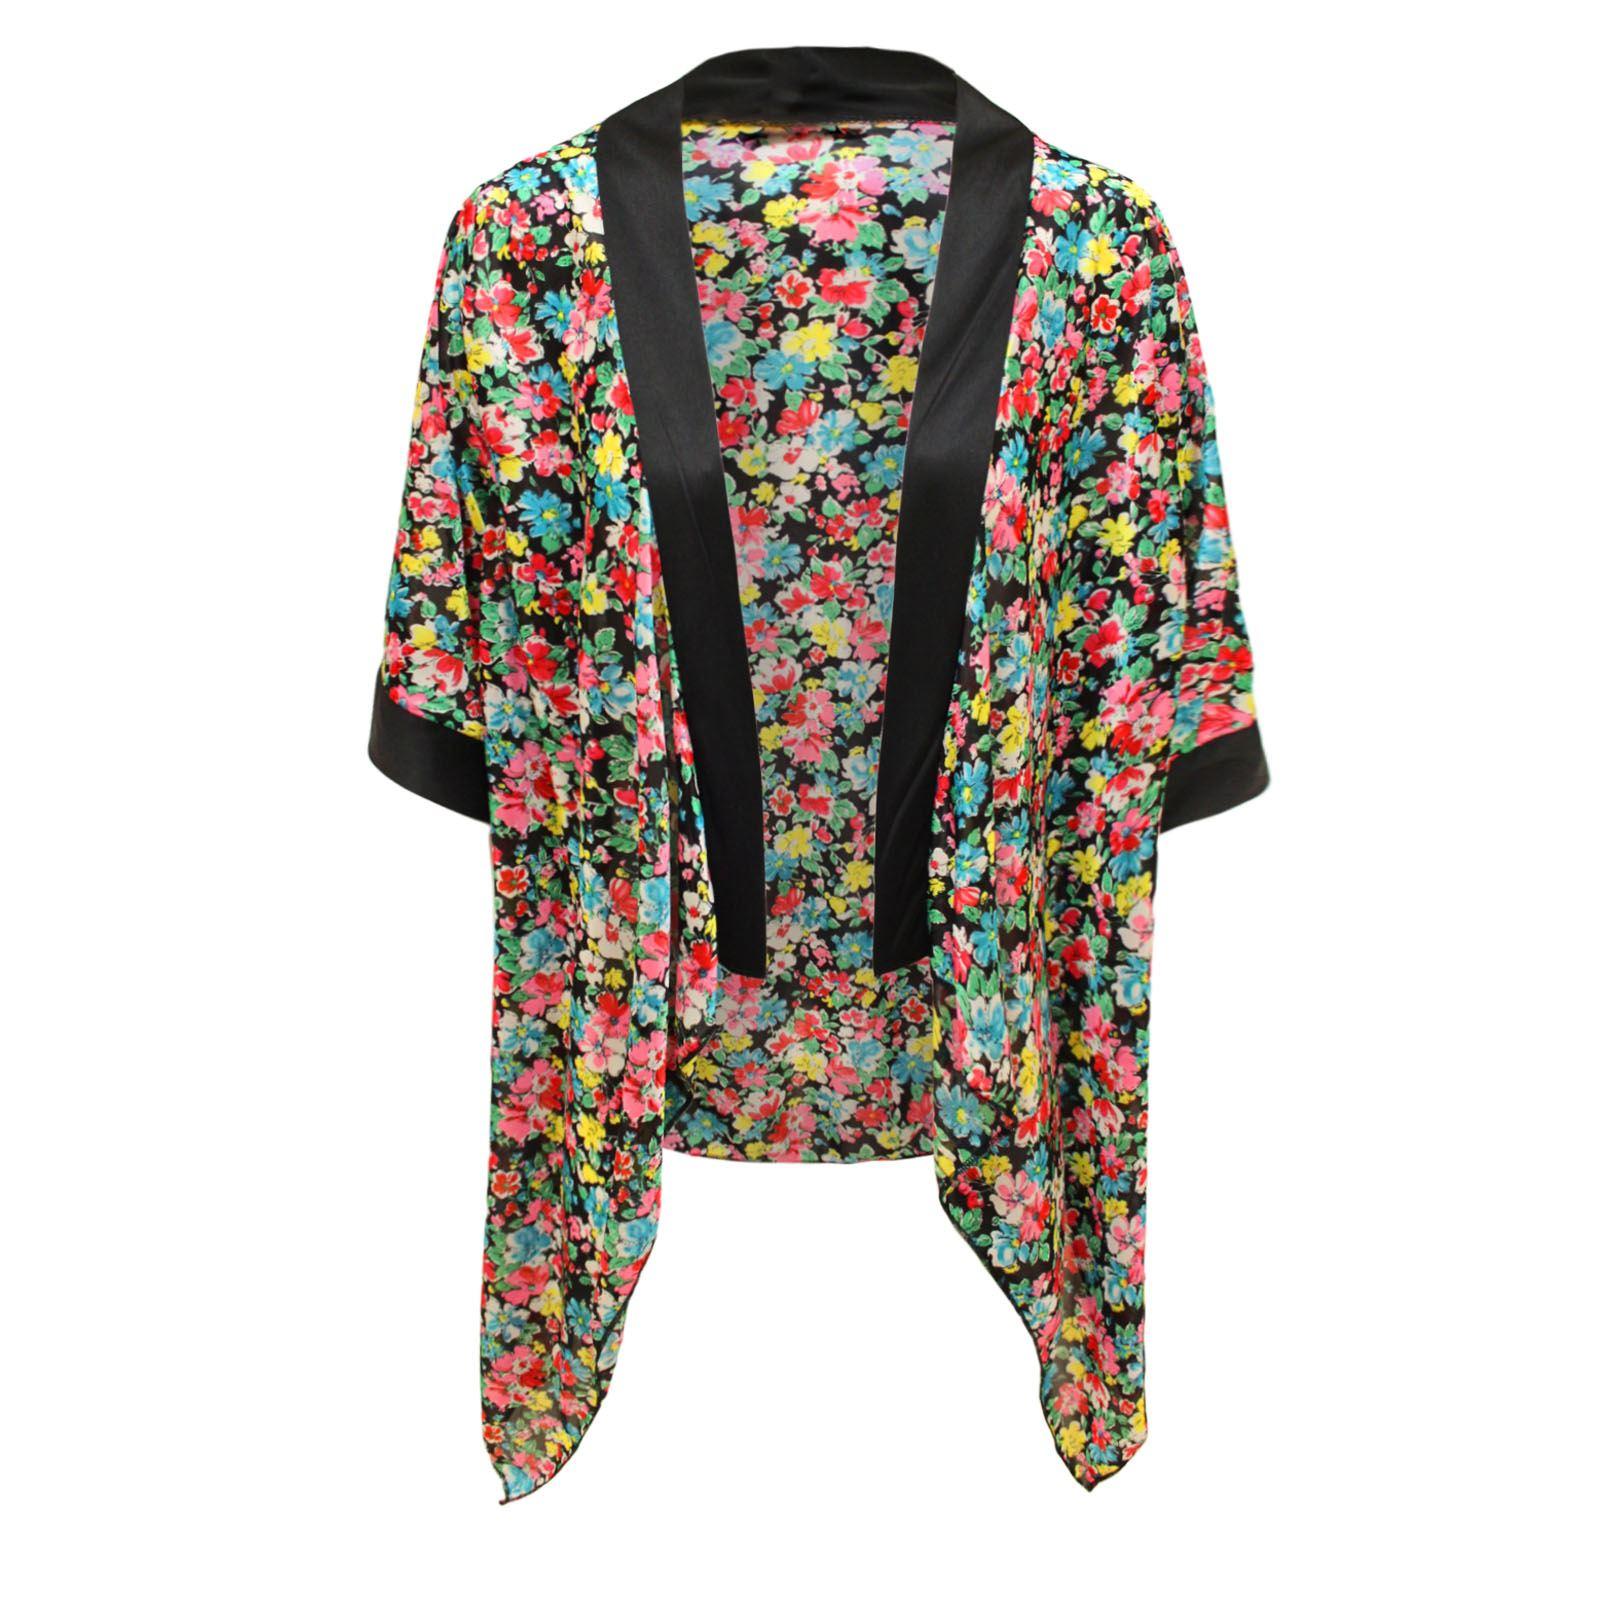 Damen vintage blumen druck top kimono umhang offene - Kimono jacke damen ...